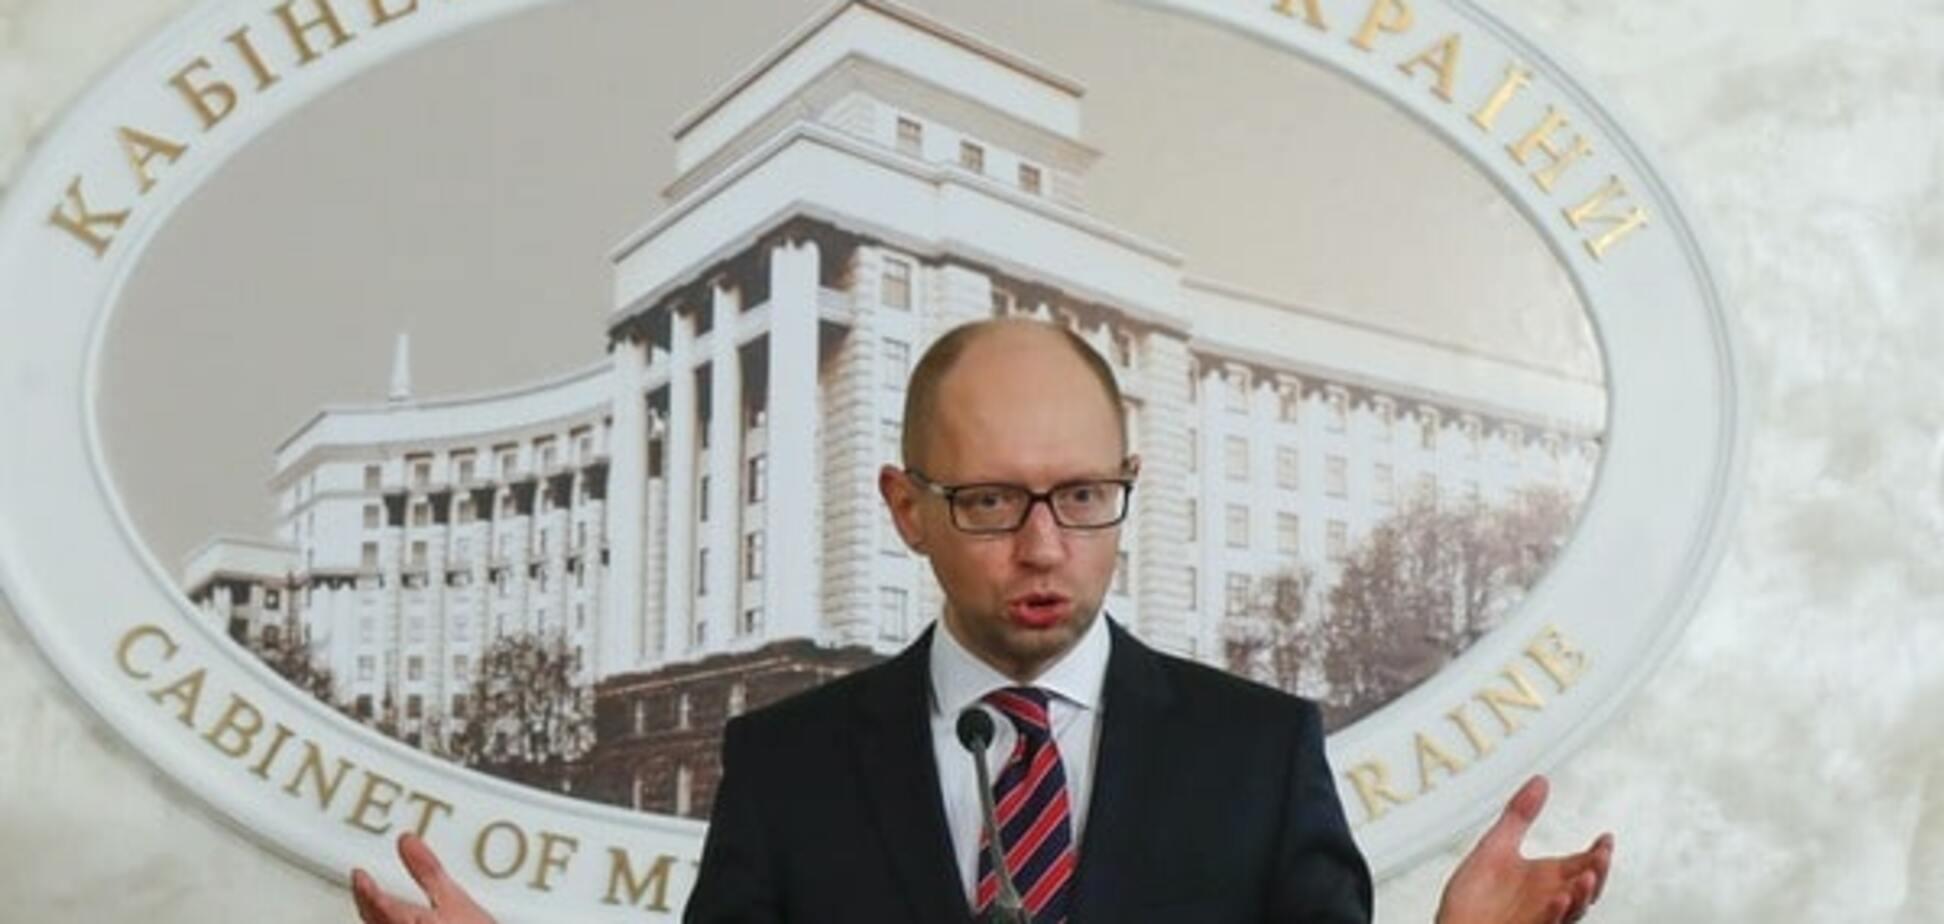 Проблема Яценюка: СМИ узнали имя возможного следующего премьера